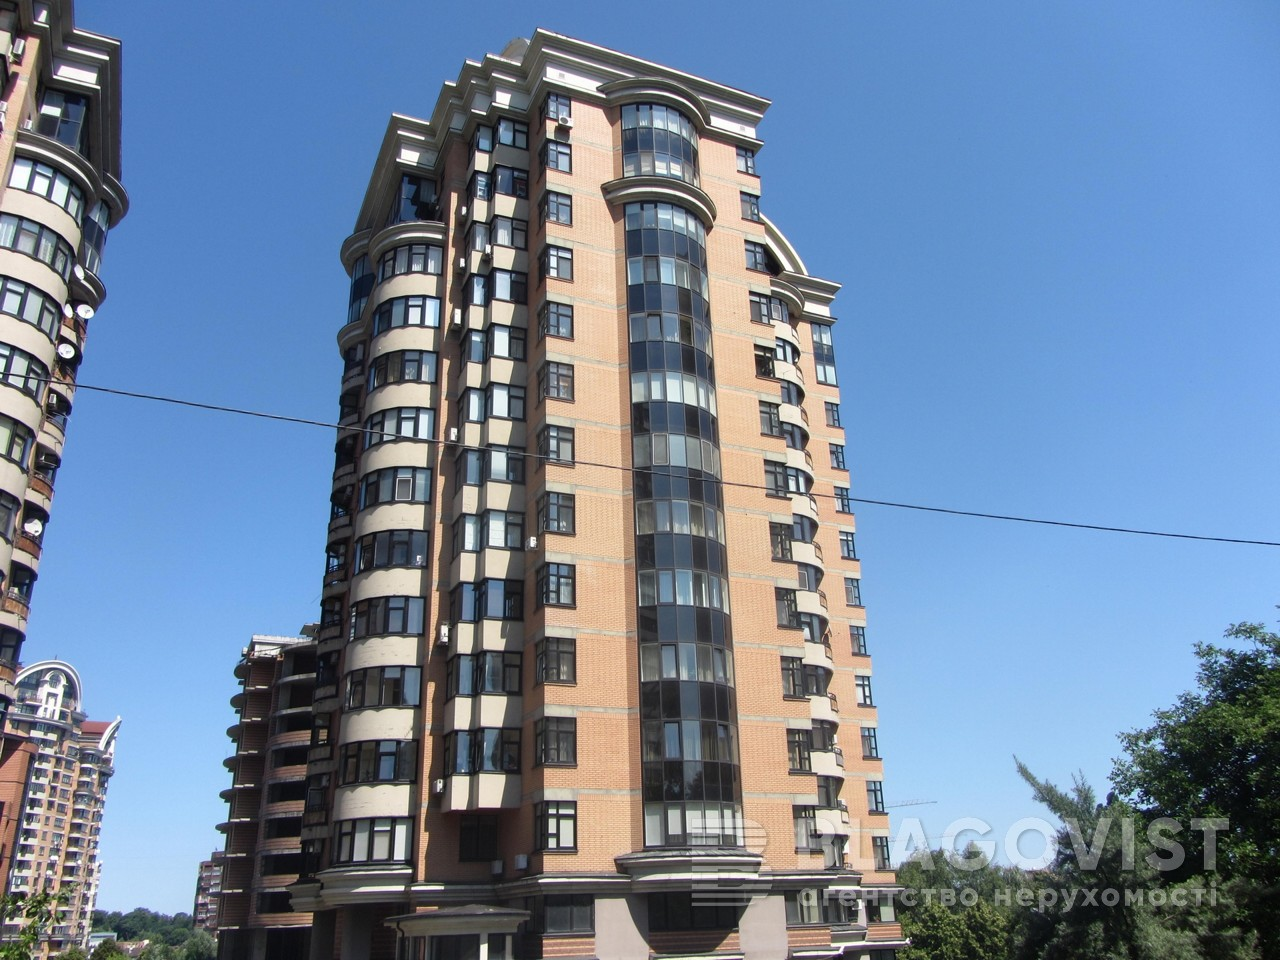 Квартира G-32684, Старонаводницкая, 13а, Киев - Фото 3